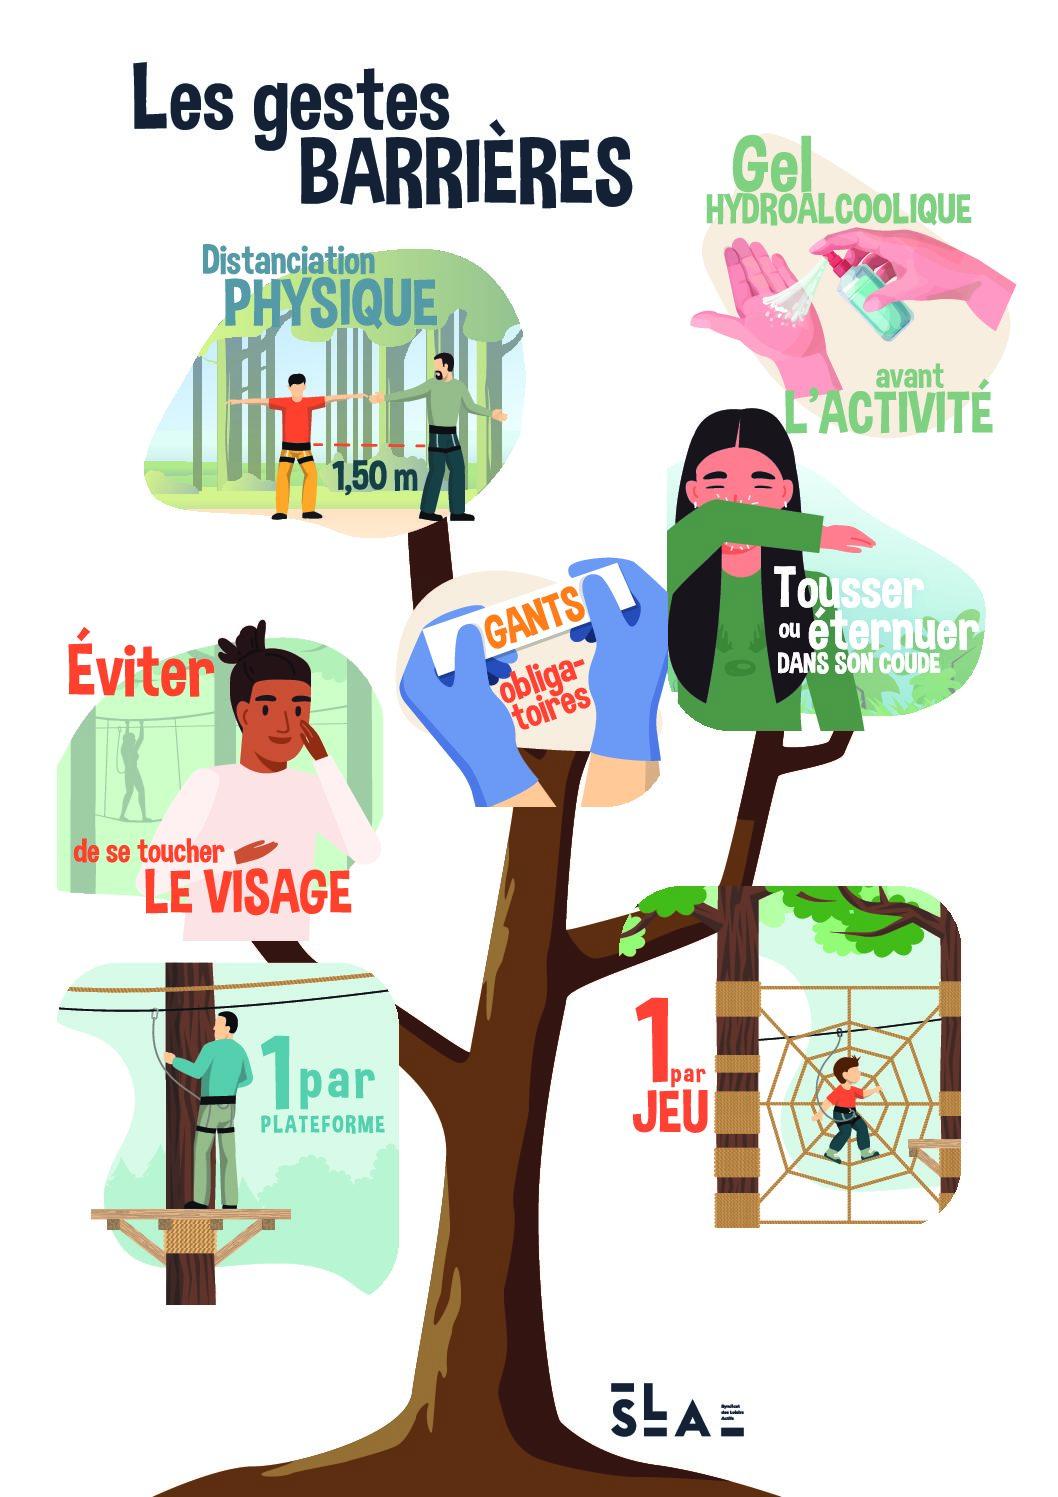 Adrénature parc aventure: ouverture le mercredi 27 mai